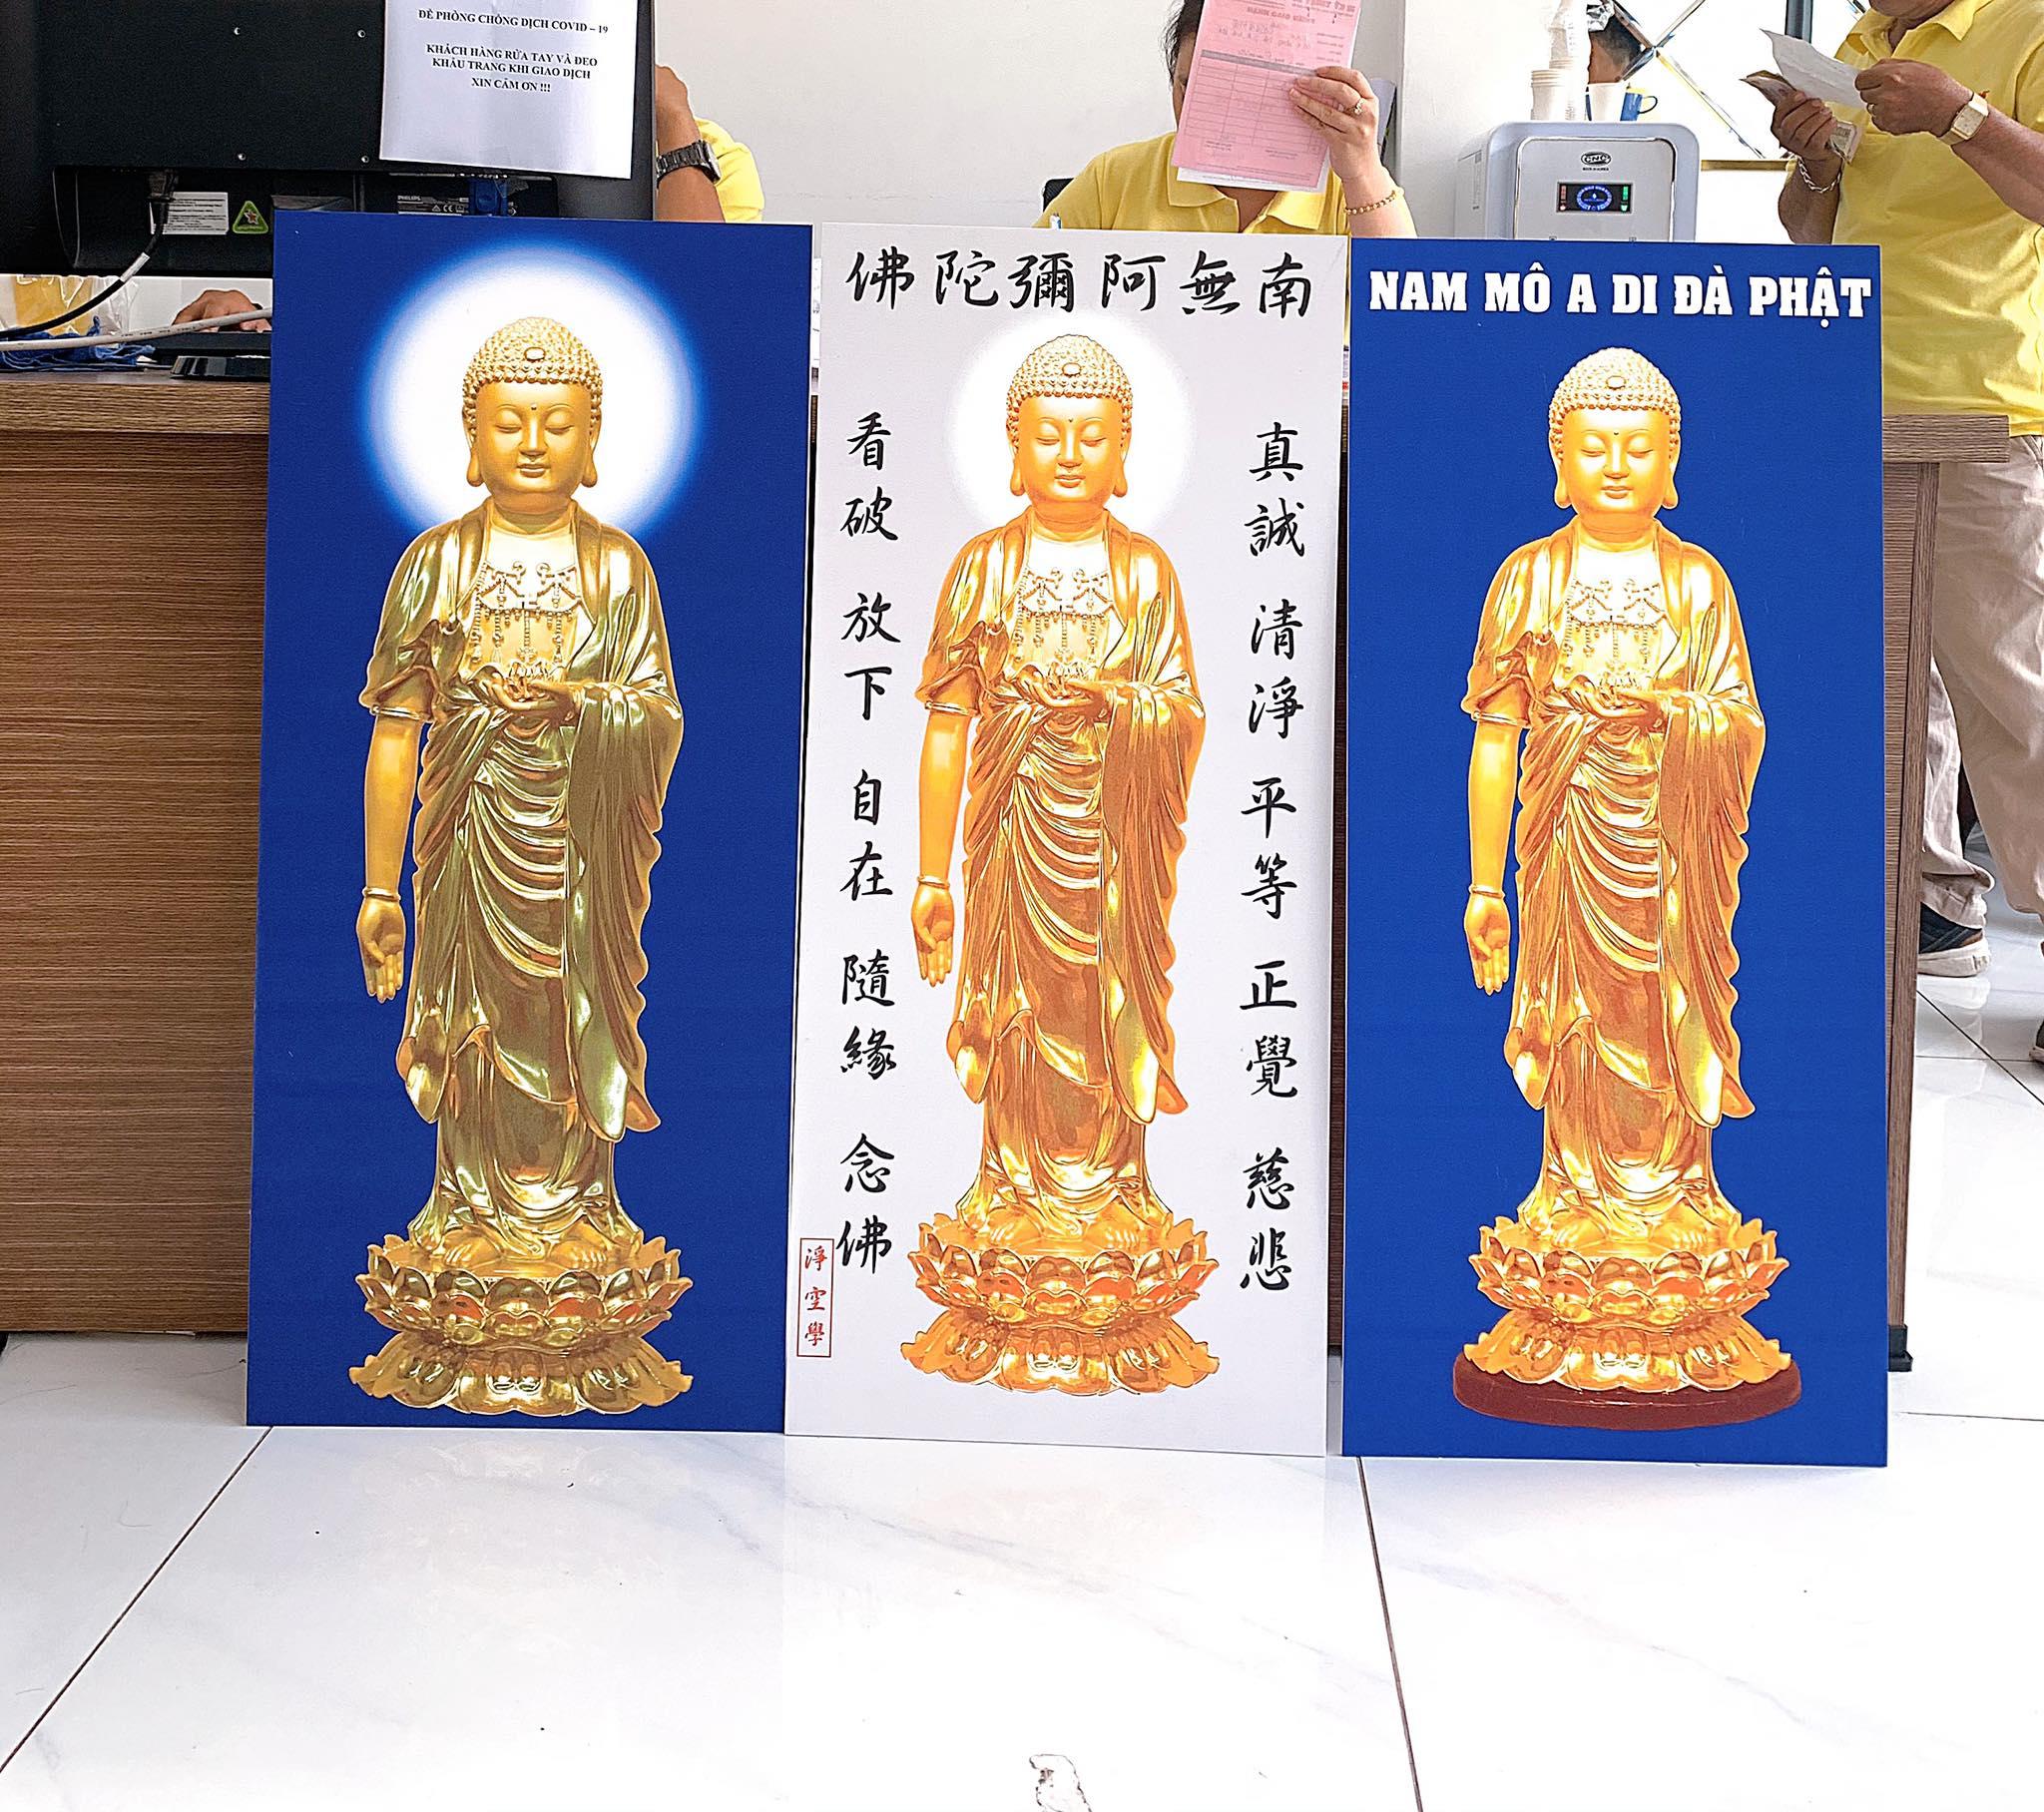 Hình ảnh in tranh Nam Mô A Di Đà Phật